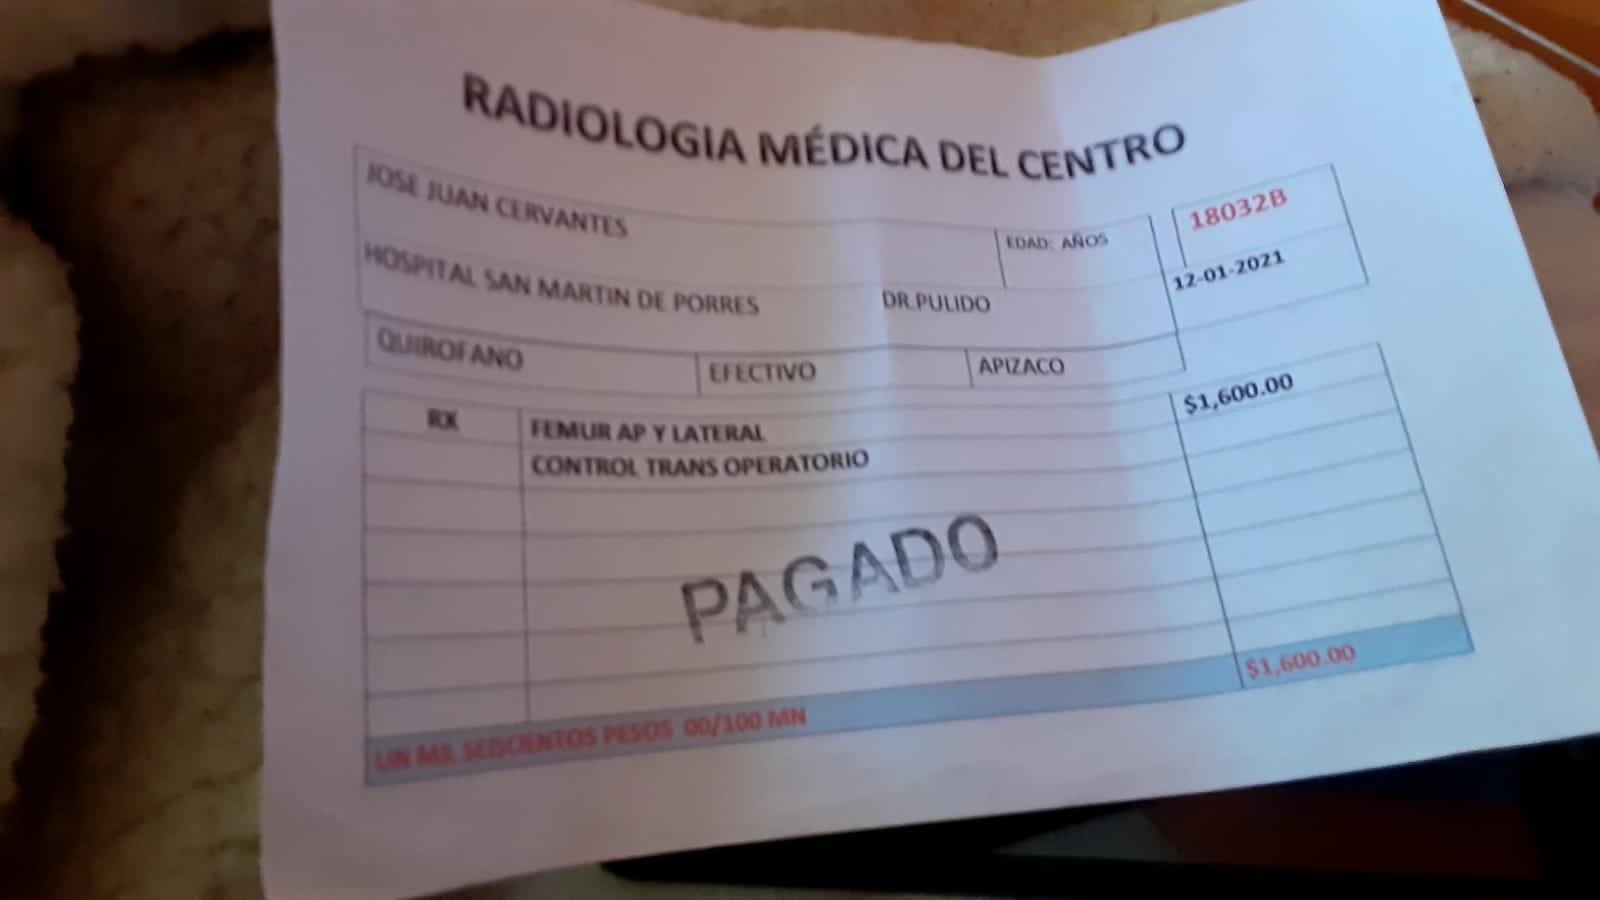 Negligencia en el hospital San Martín de Porres de Apizaco; podrían amputar un pie